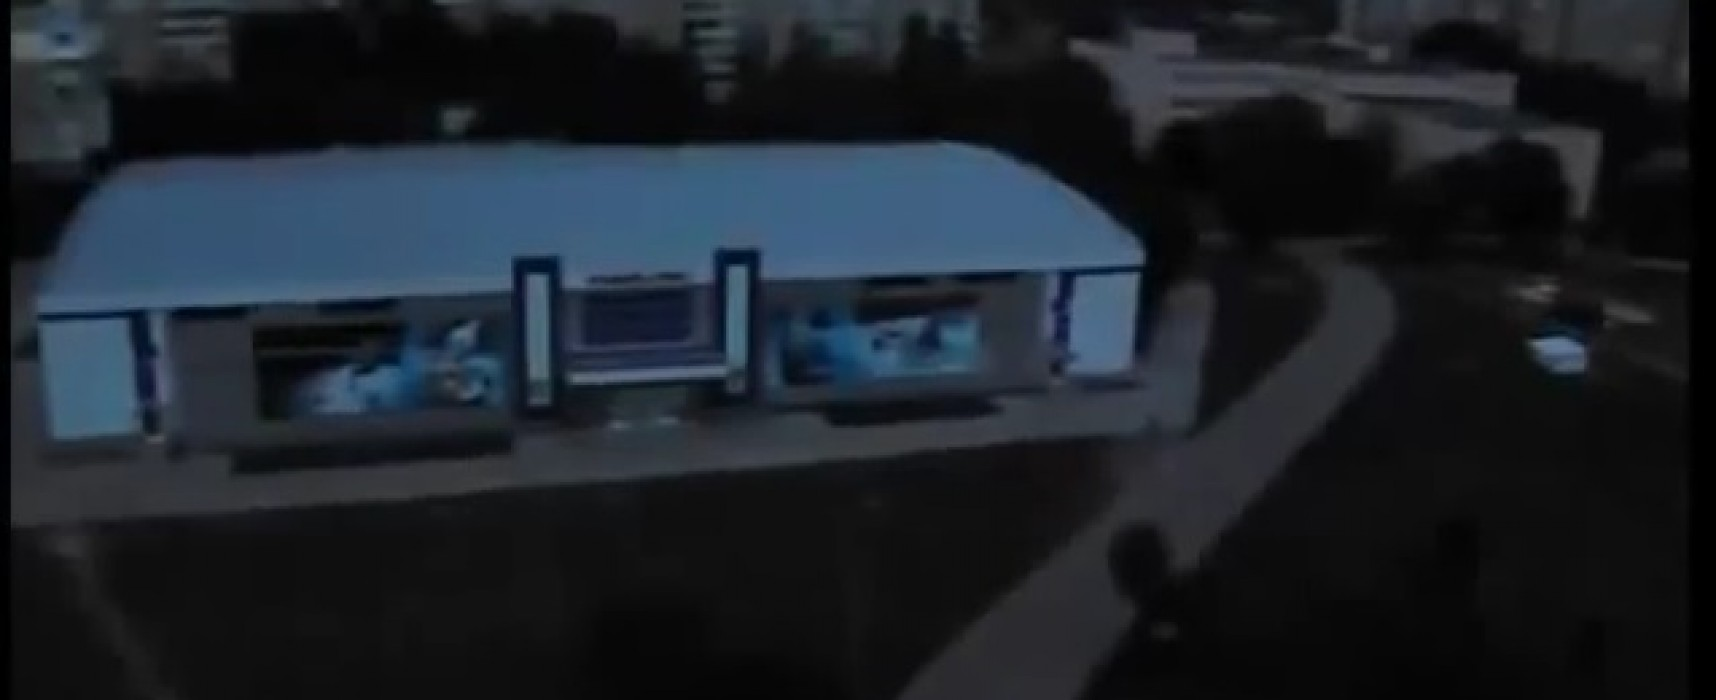 Видео из Луганска, снятое месяц назад, представили как актуальное